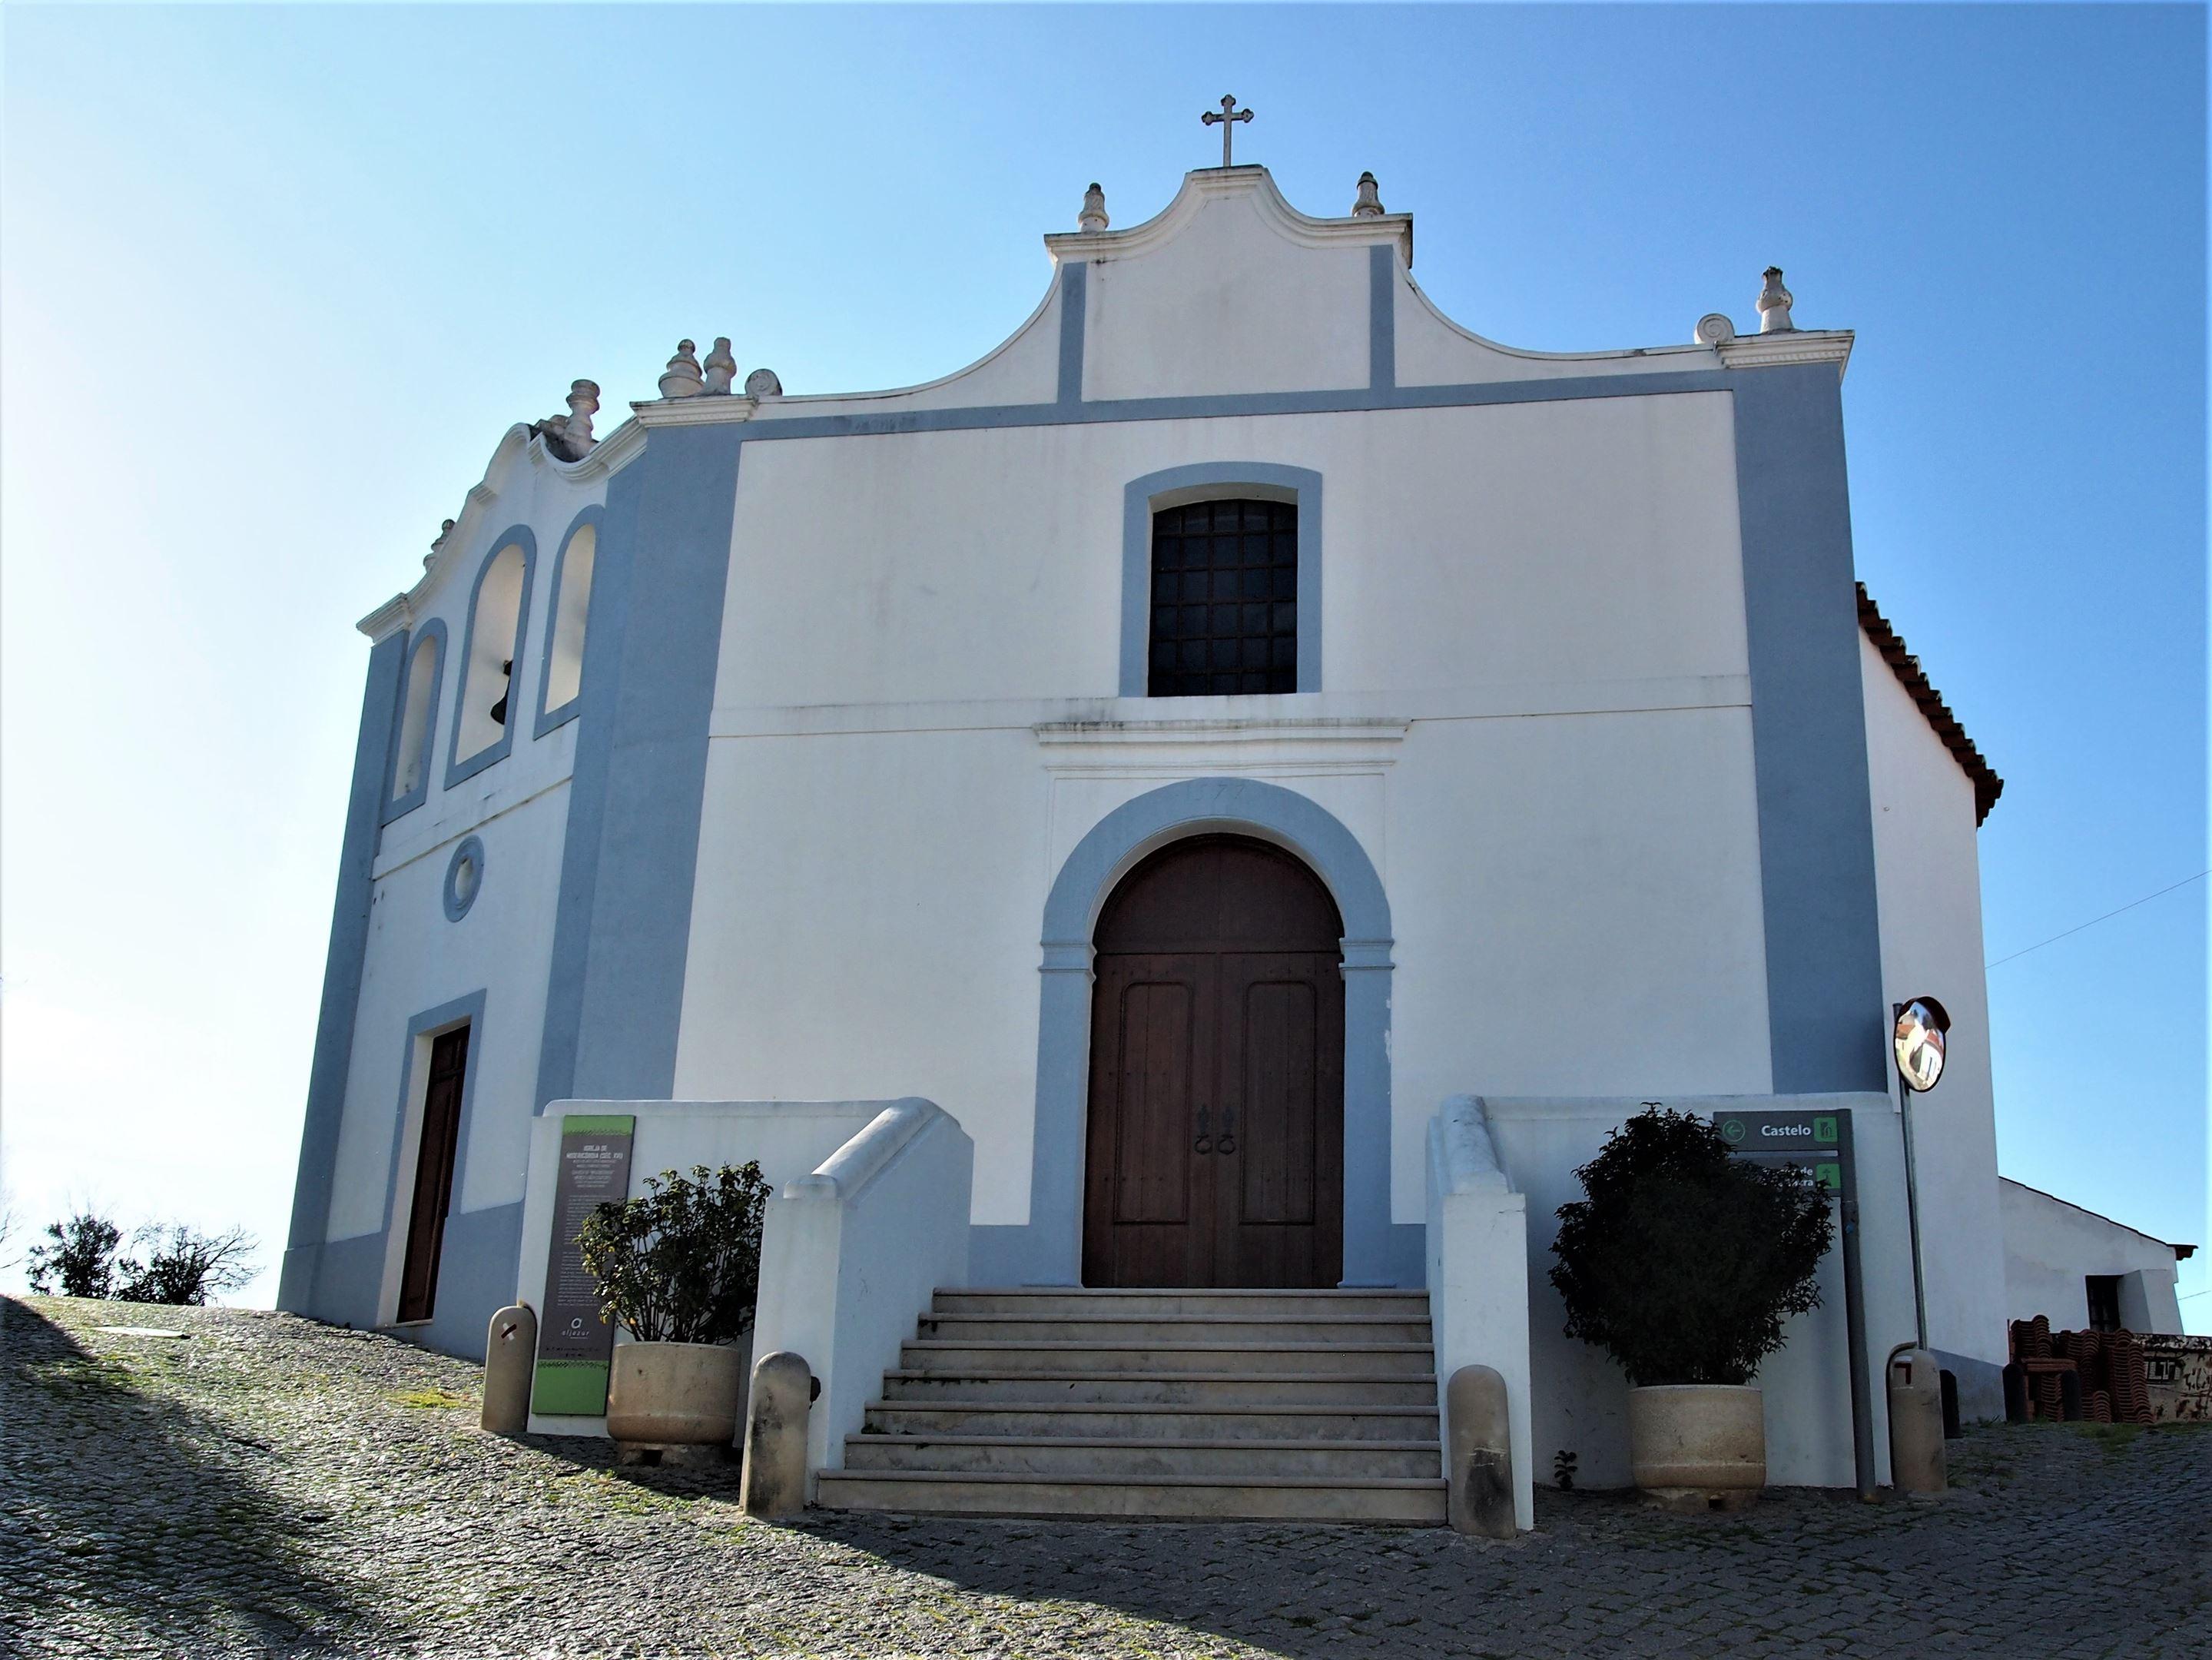 Igreja da Misericórdia, the main church in the old town of Aljezur, Algarve